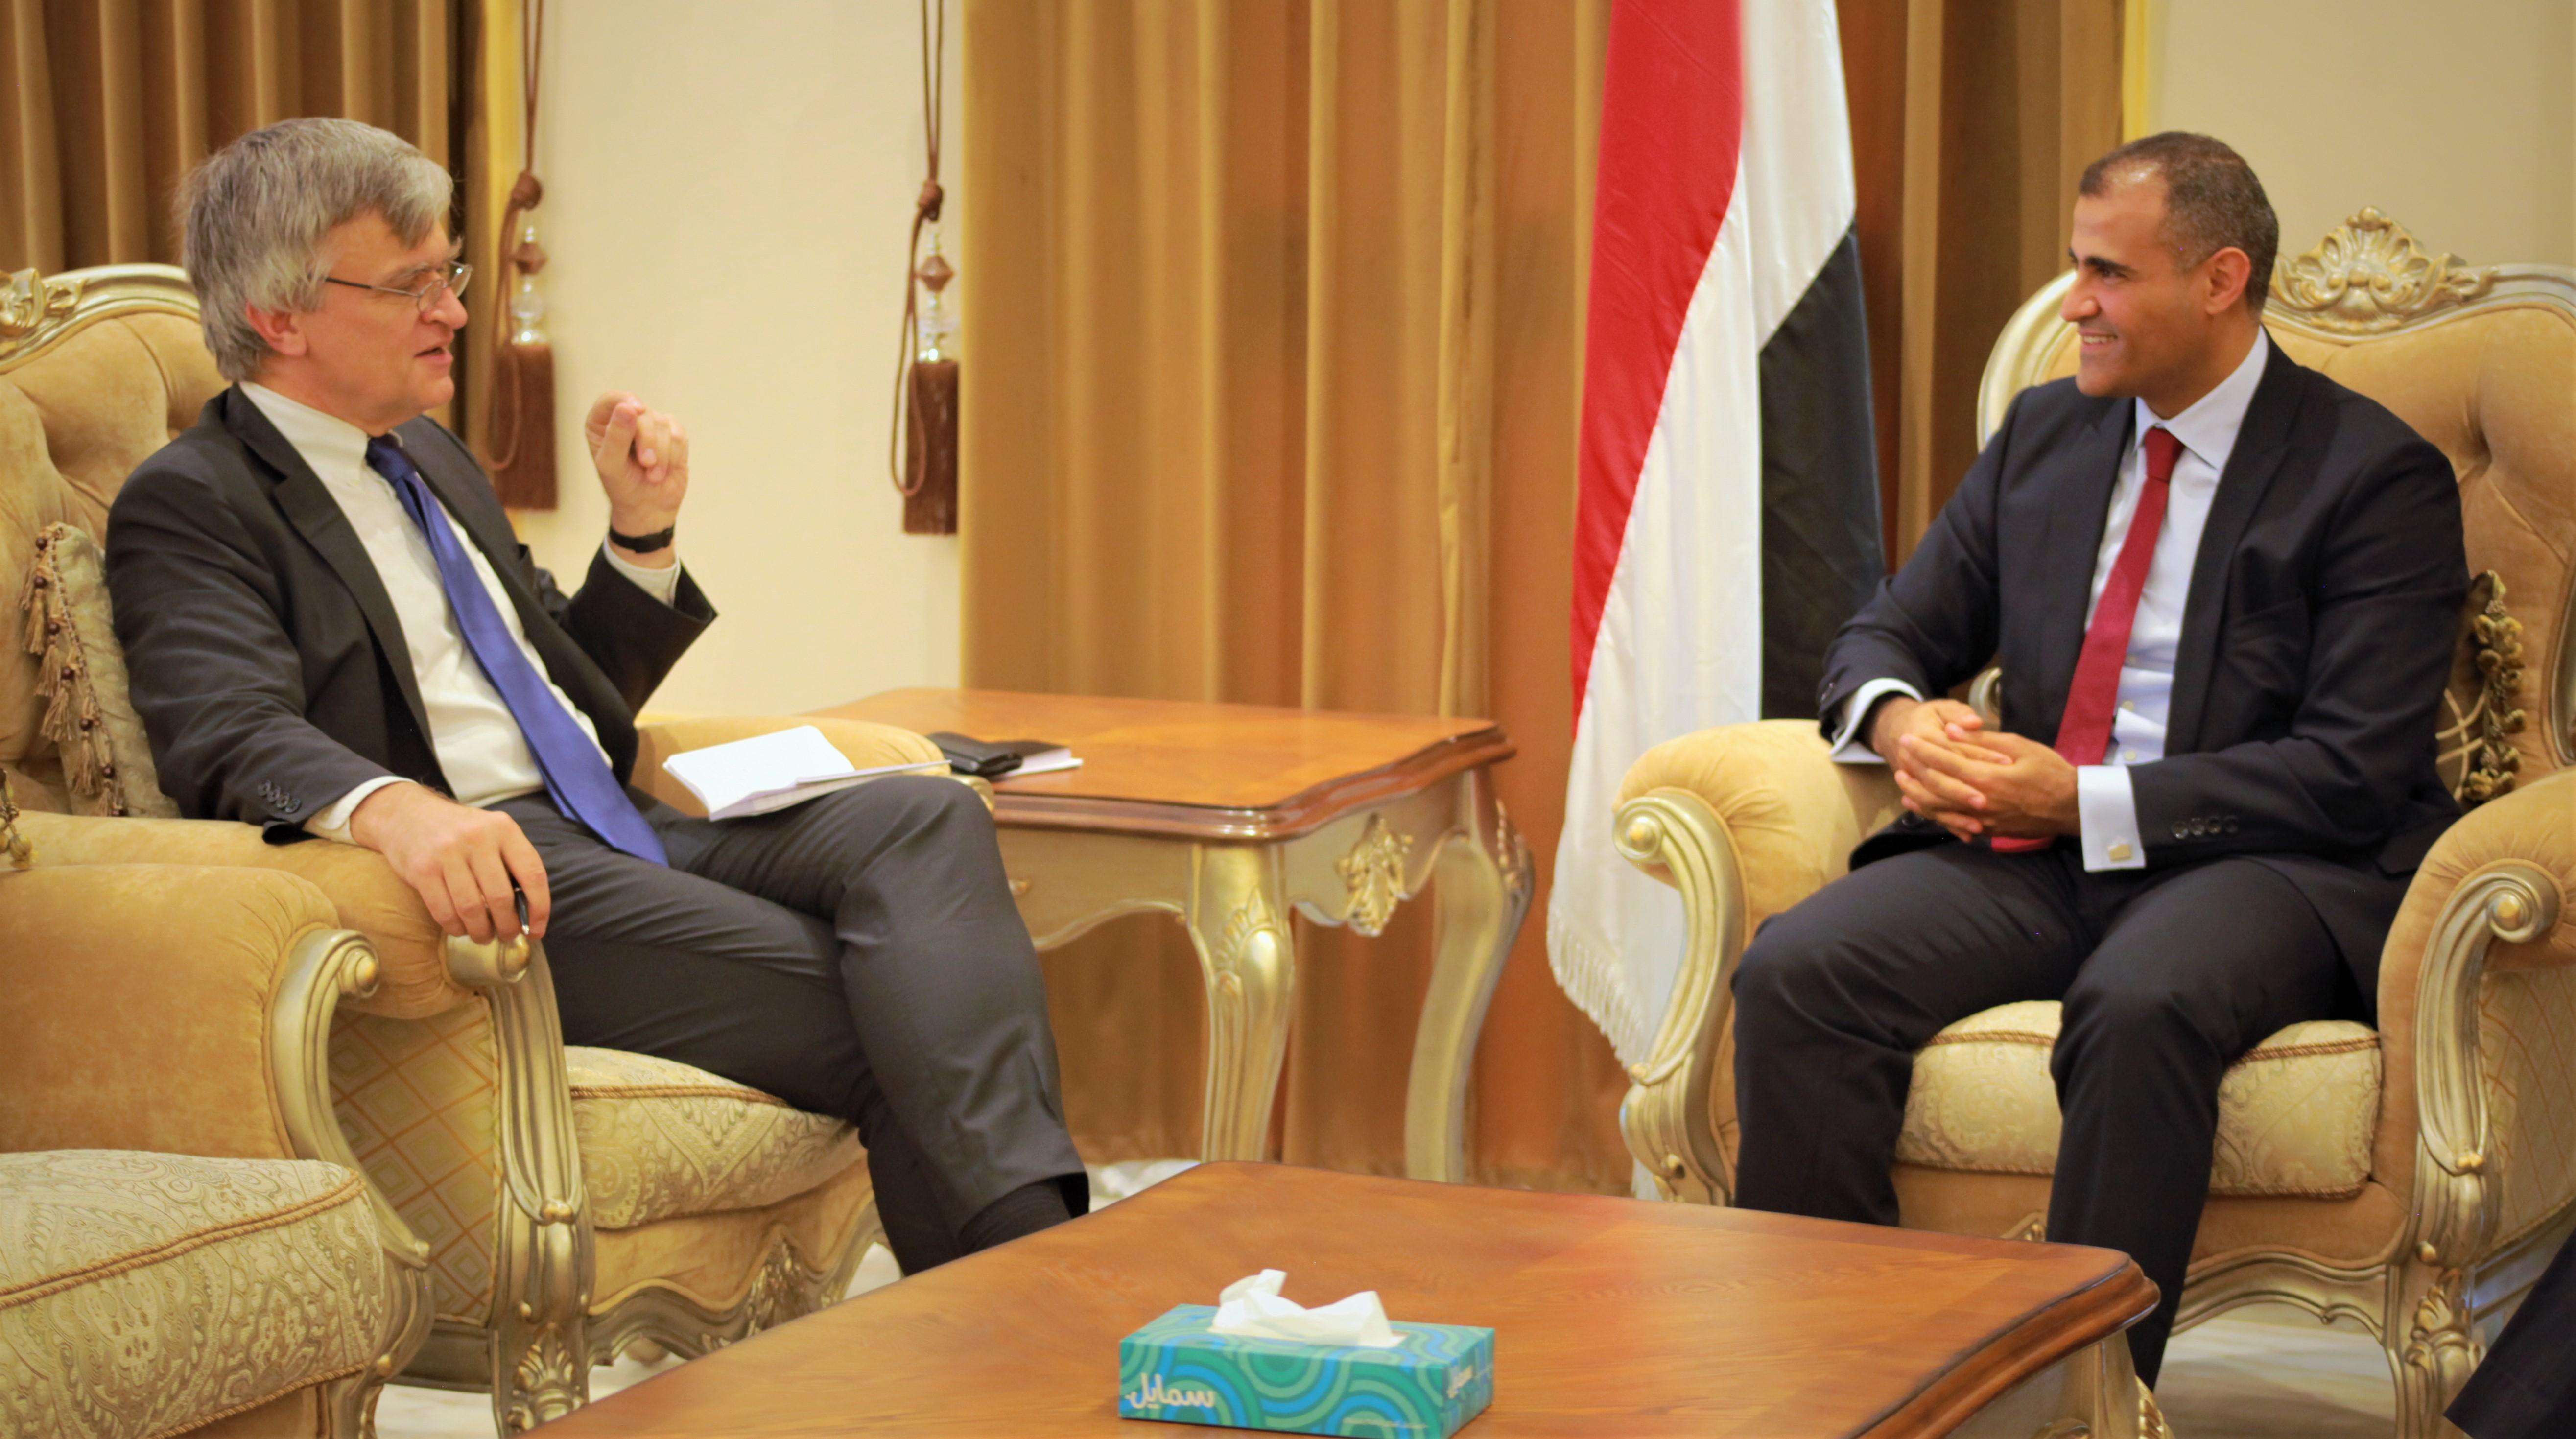 نائب وزير الخارجية يؤكد حرص الحكومة الدائم على السلام وفقاً للمرجعيات الثلاث